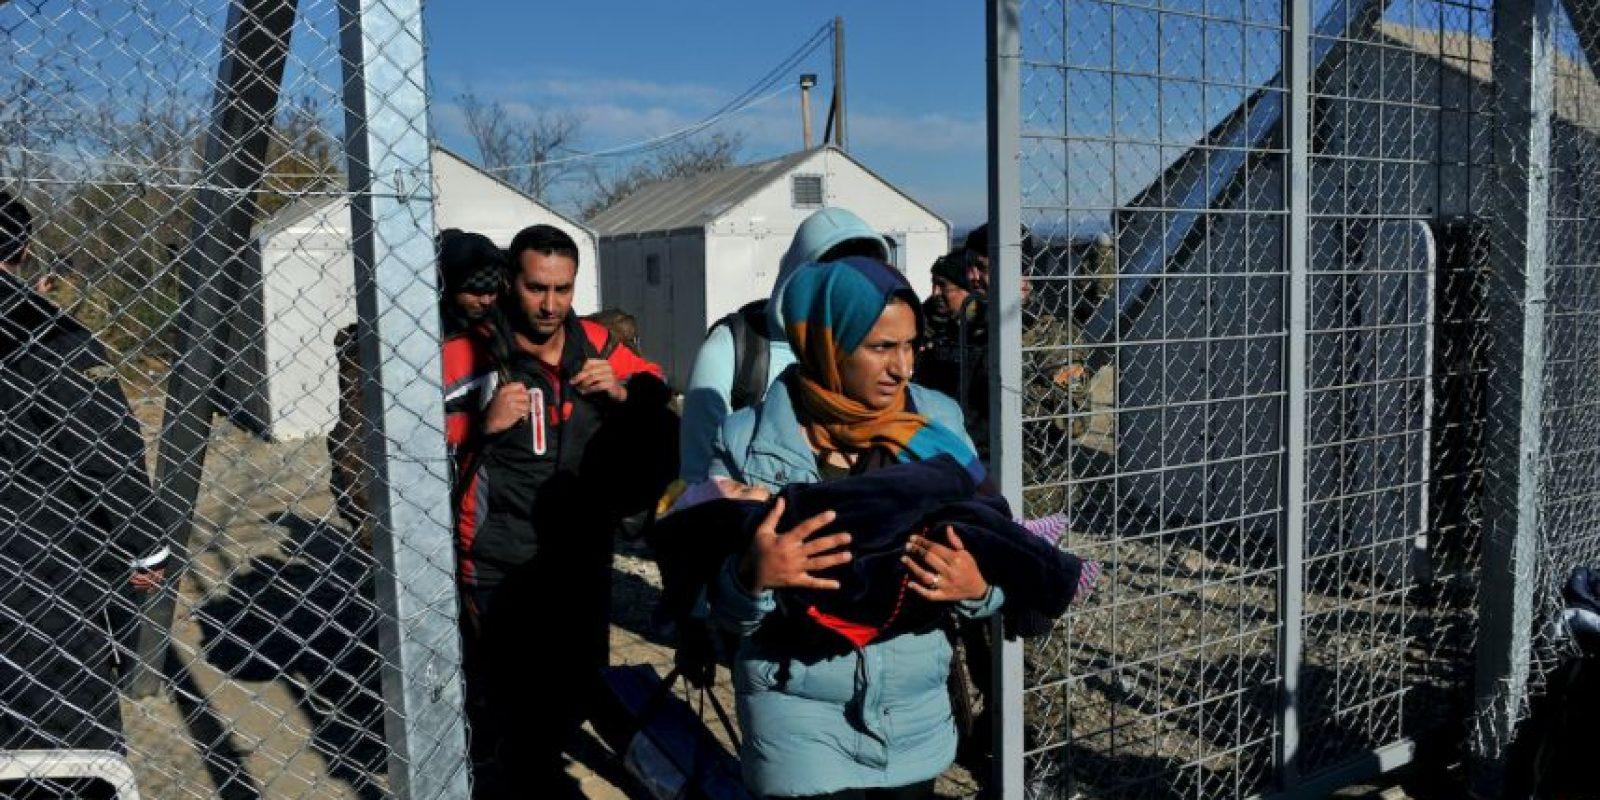 Los migrantes y refugiados que no tienen permiso para cruzar la frontera entre Grecia y Macedonia son escoltados por la policía de nuevo a la parte griega de la frontera. Foto:AFP